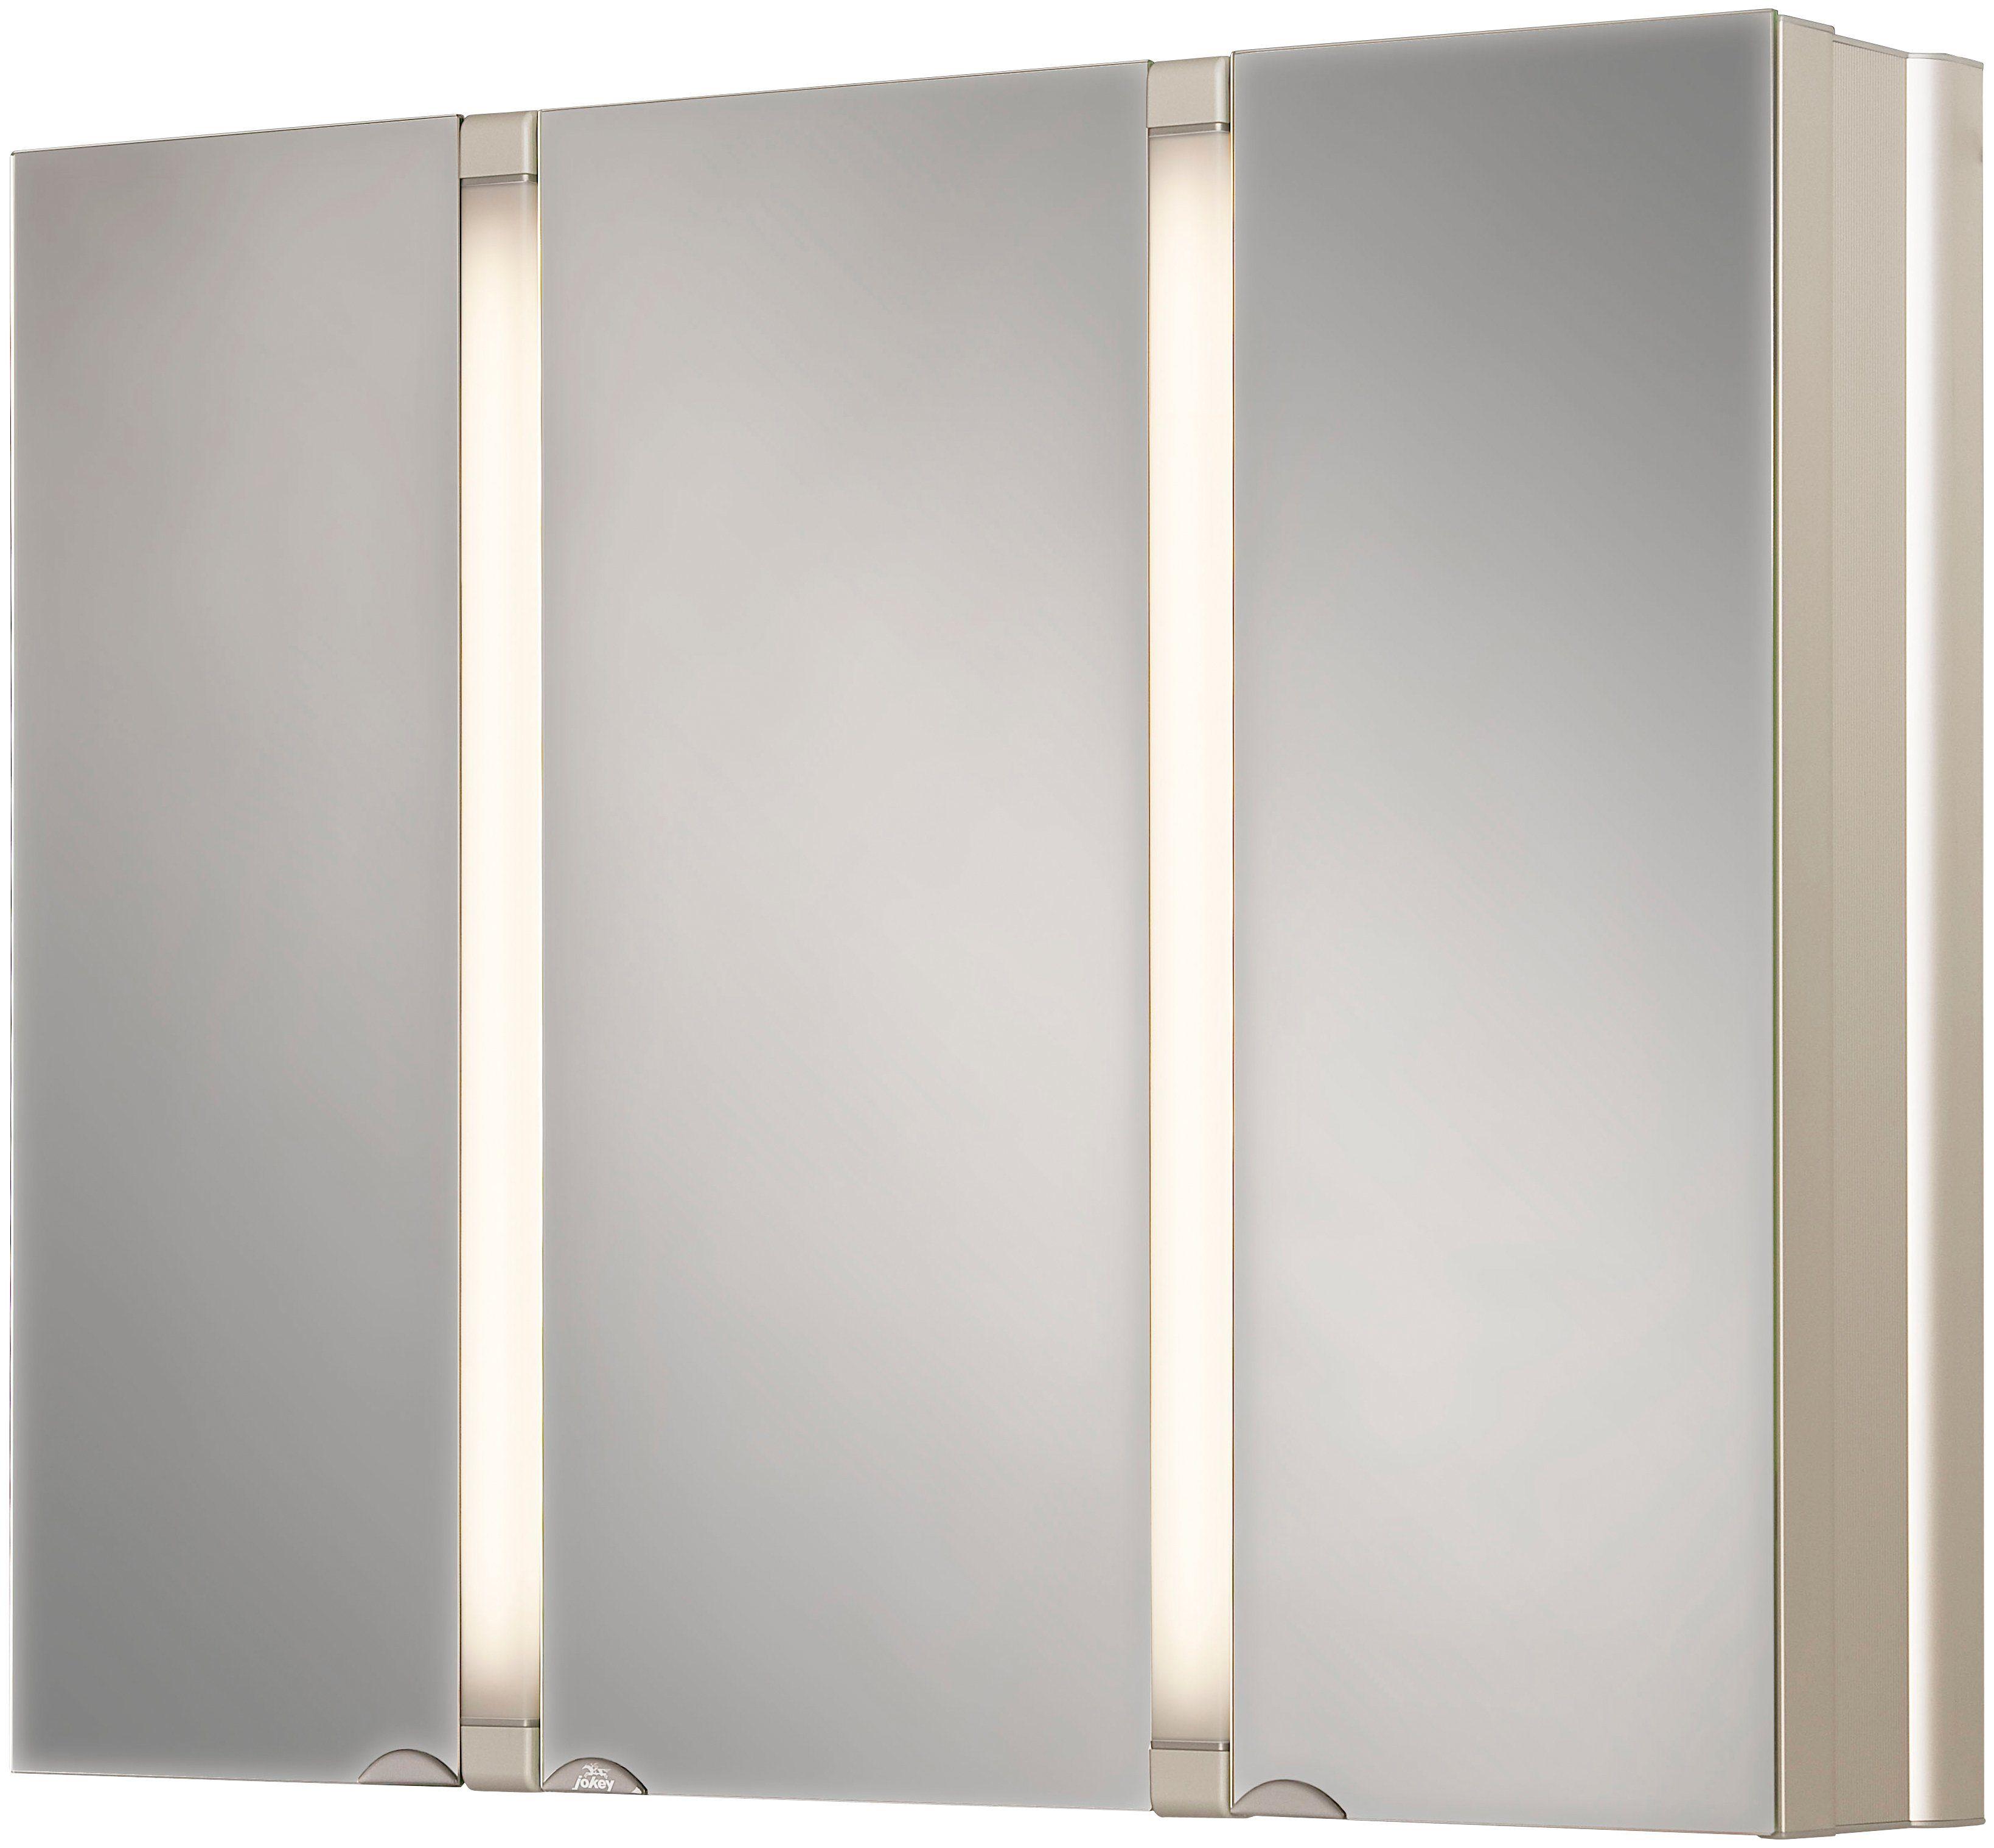 Jokey Spiegelschrank »SunAlu« Breite 80 cm, mit Beleuchtung